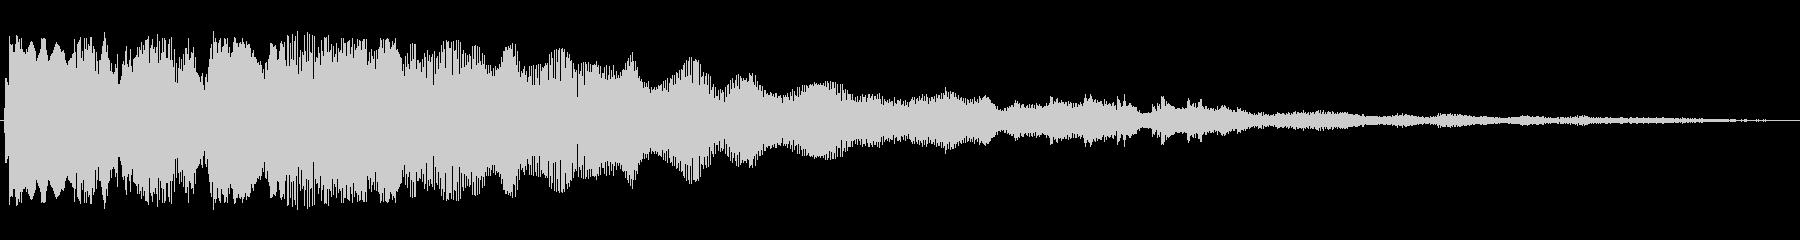 少し暗めなオープニング音の未再生の波形